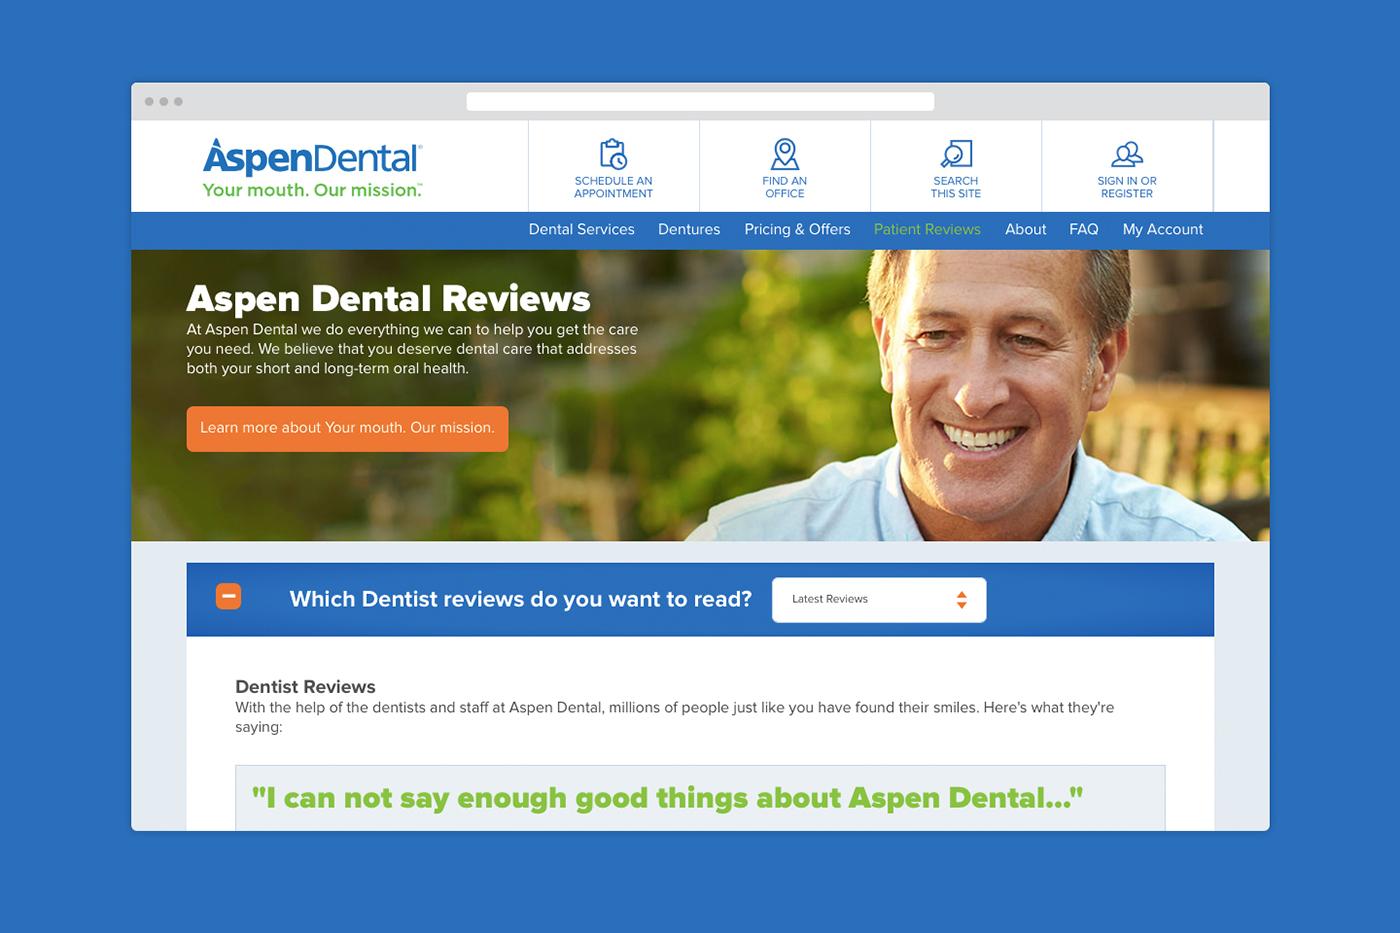 Aspen Dental - Web/Mobile Design on Behance